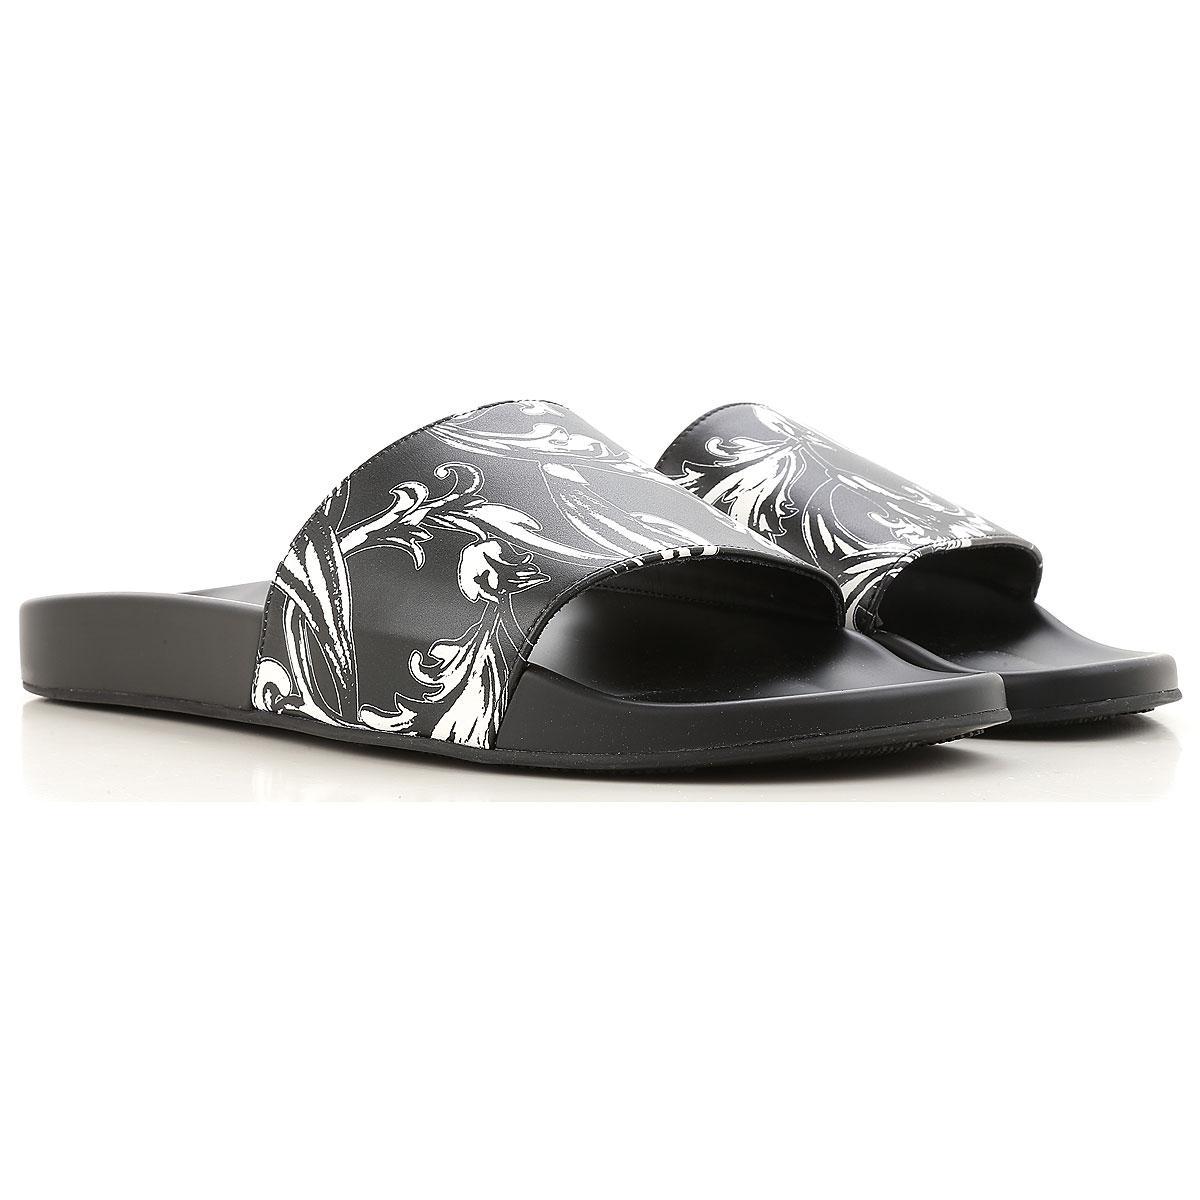 Lyst - Sandale Homme Versace pour homme en coloris Noir 4a7edcc10dd